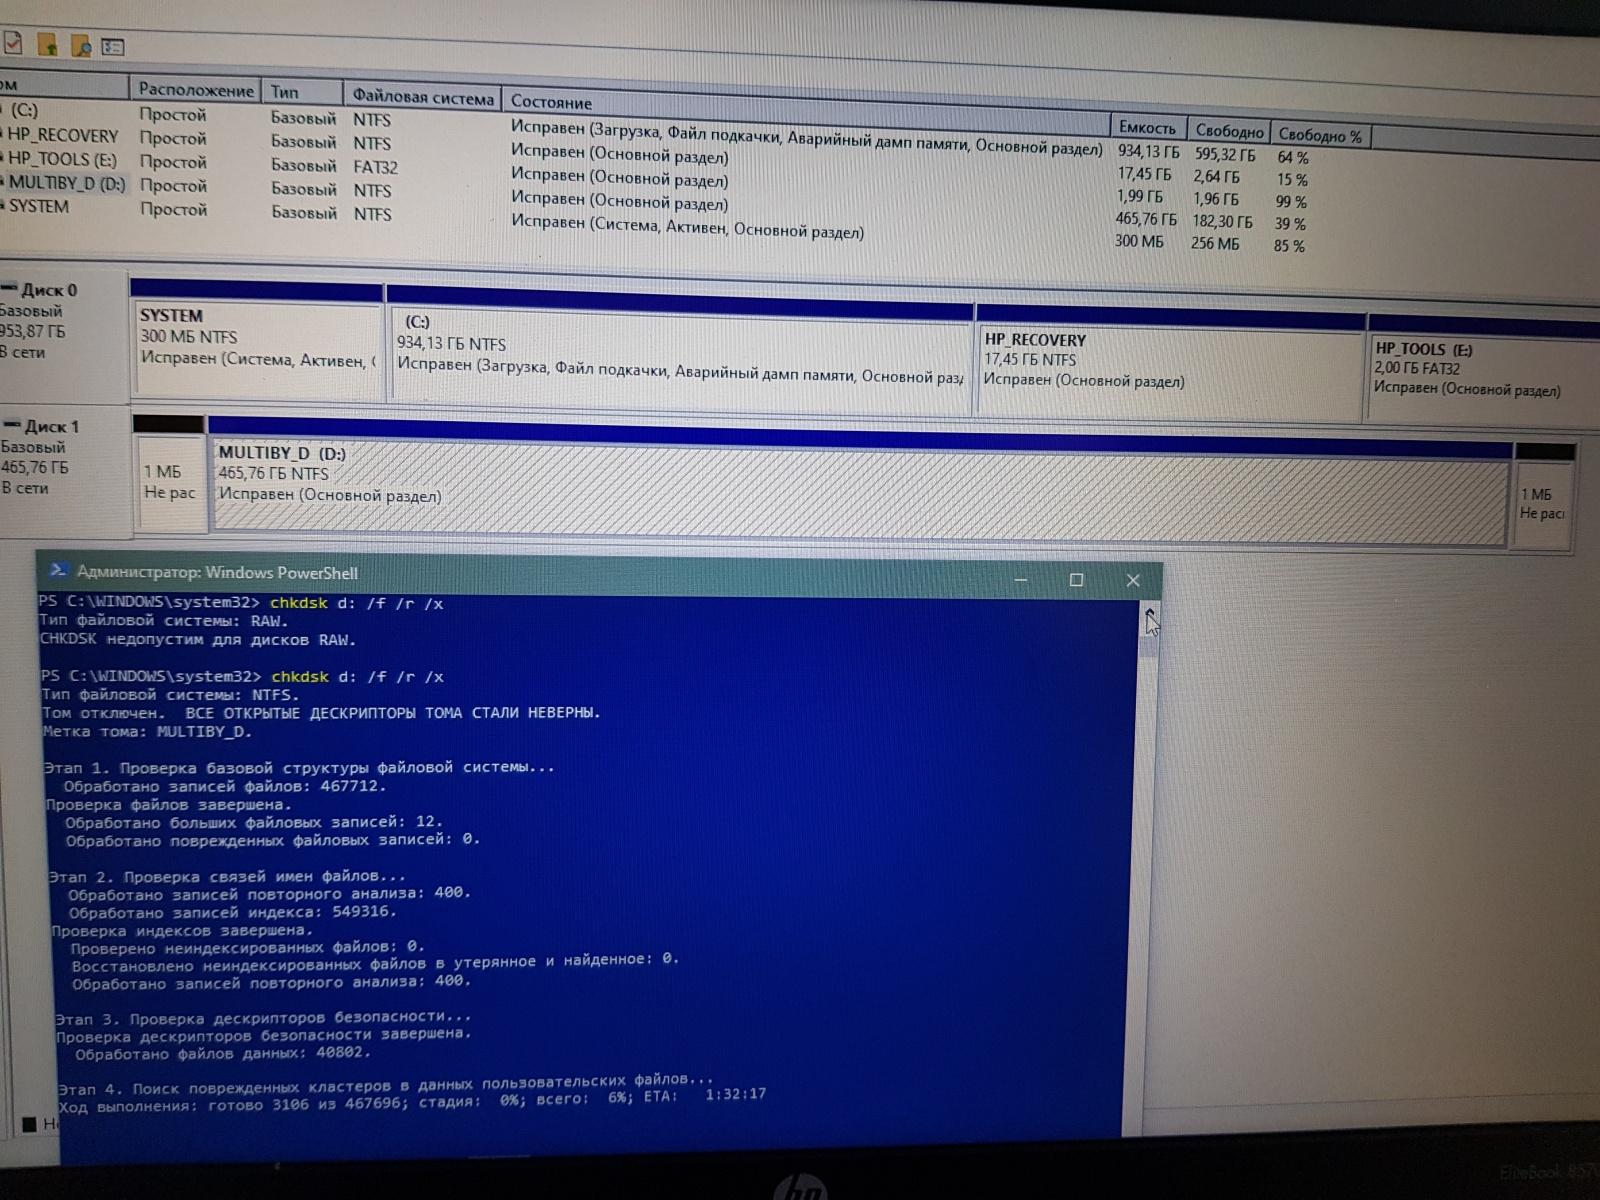 Обновление ноутбука с Windows 10 1903 — от кирпича до потери всех данных. Почему обновление может больше, чем юзер? - 1